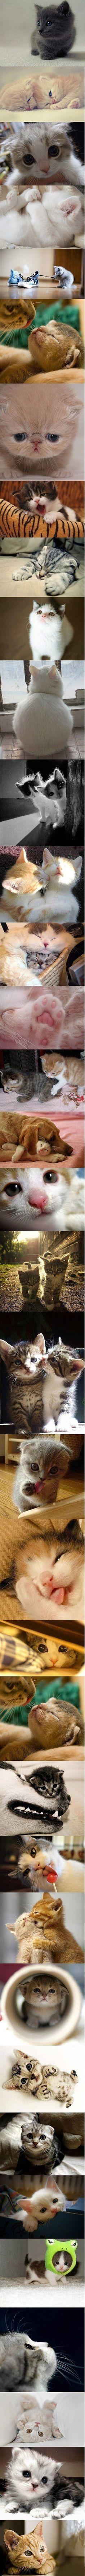 Cute Sweet Babies